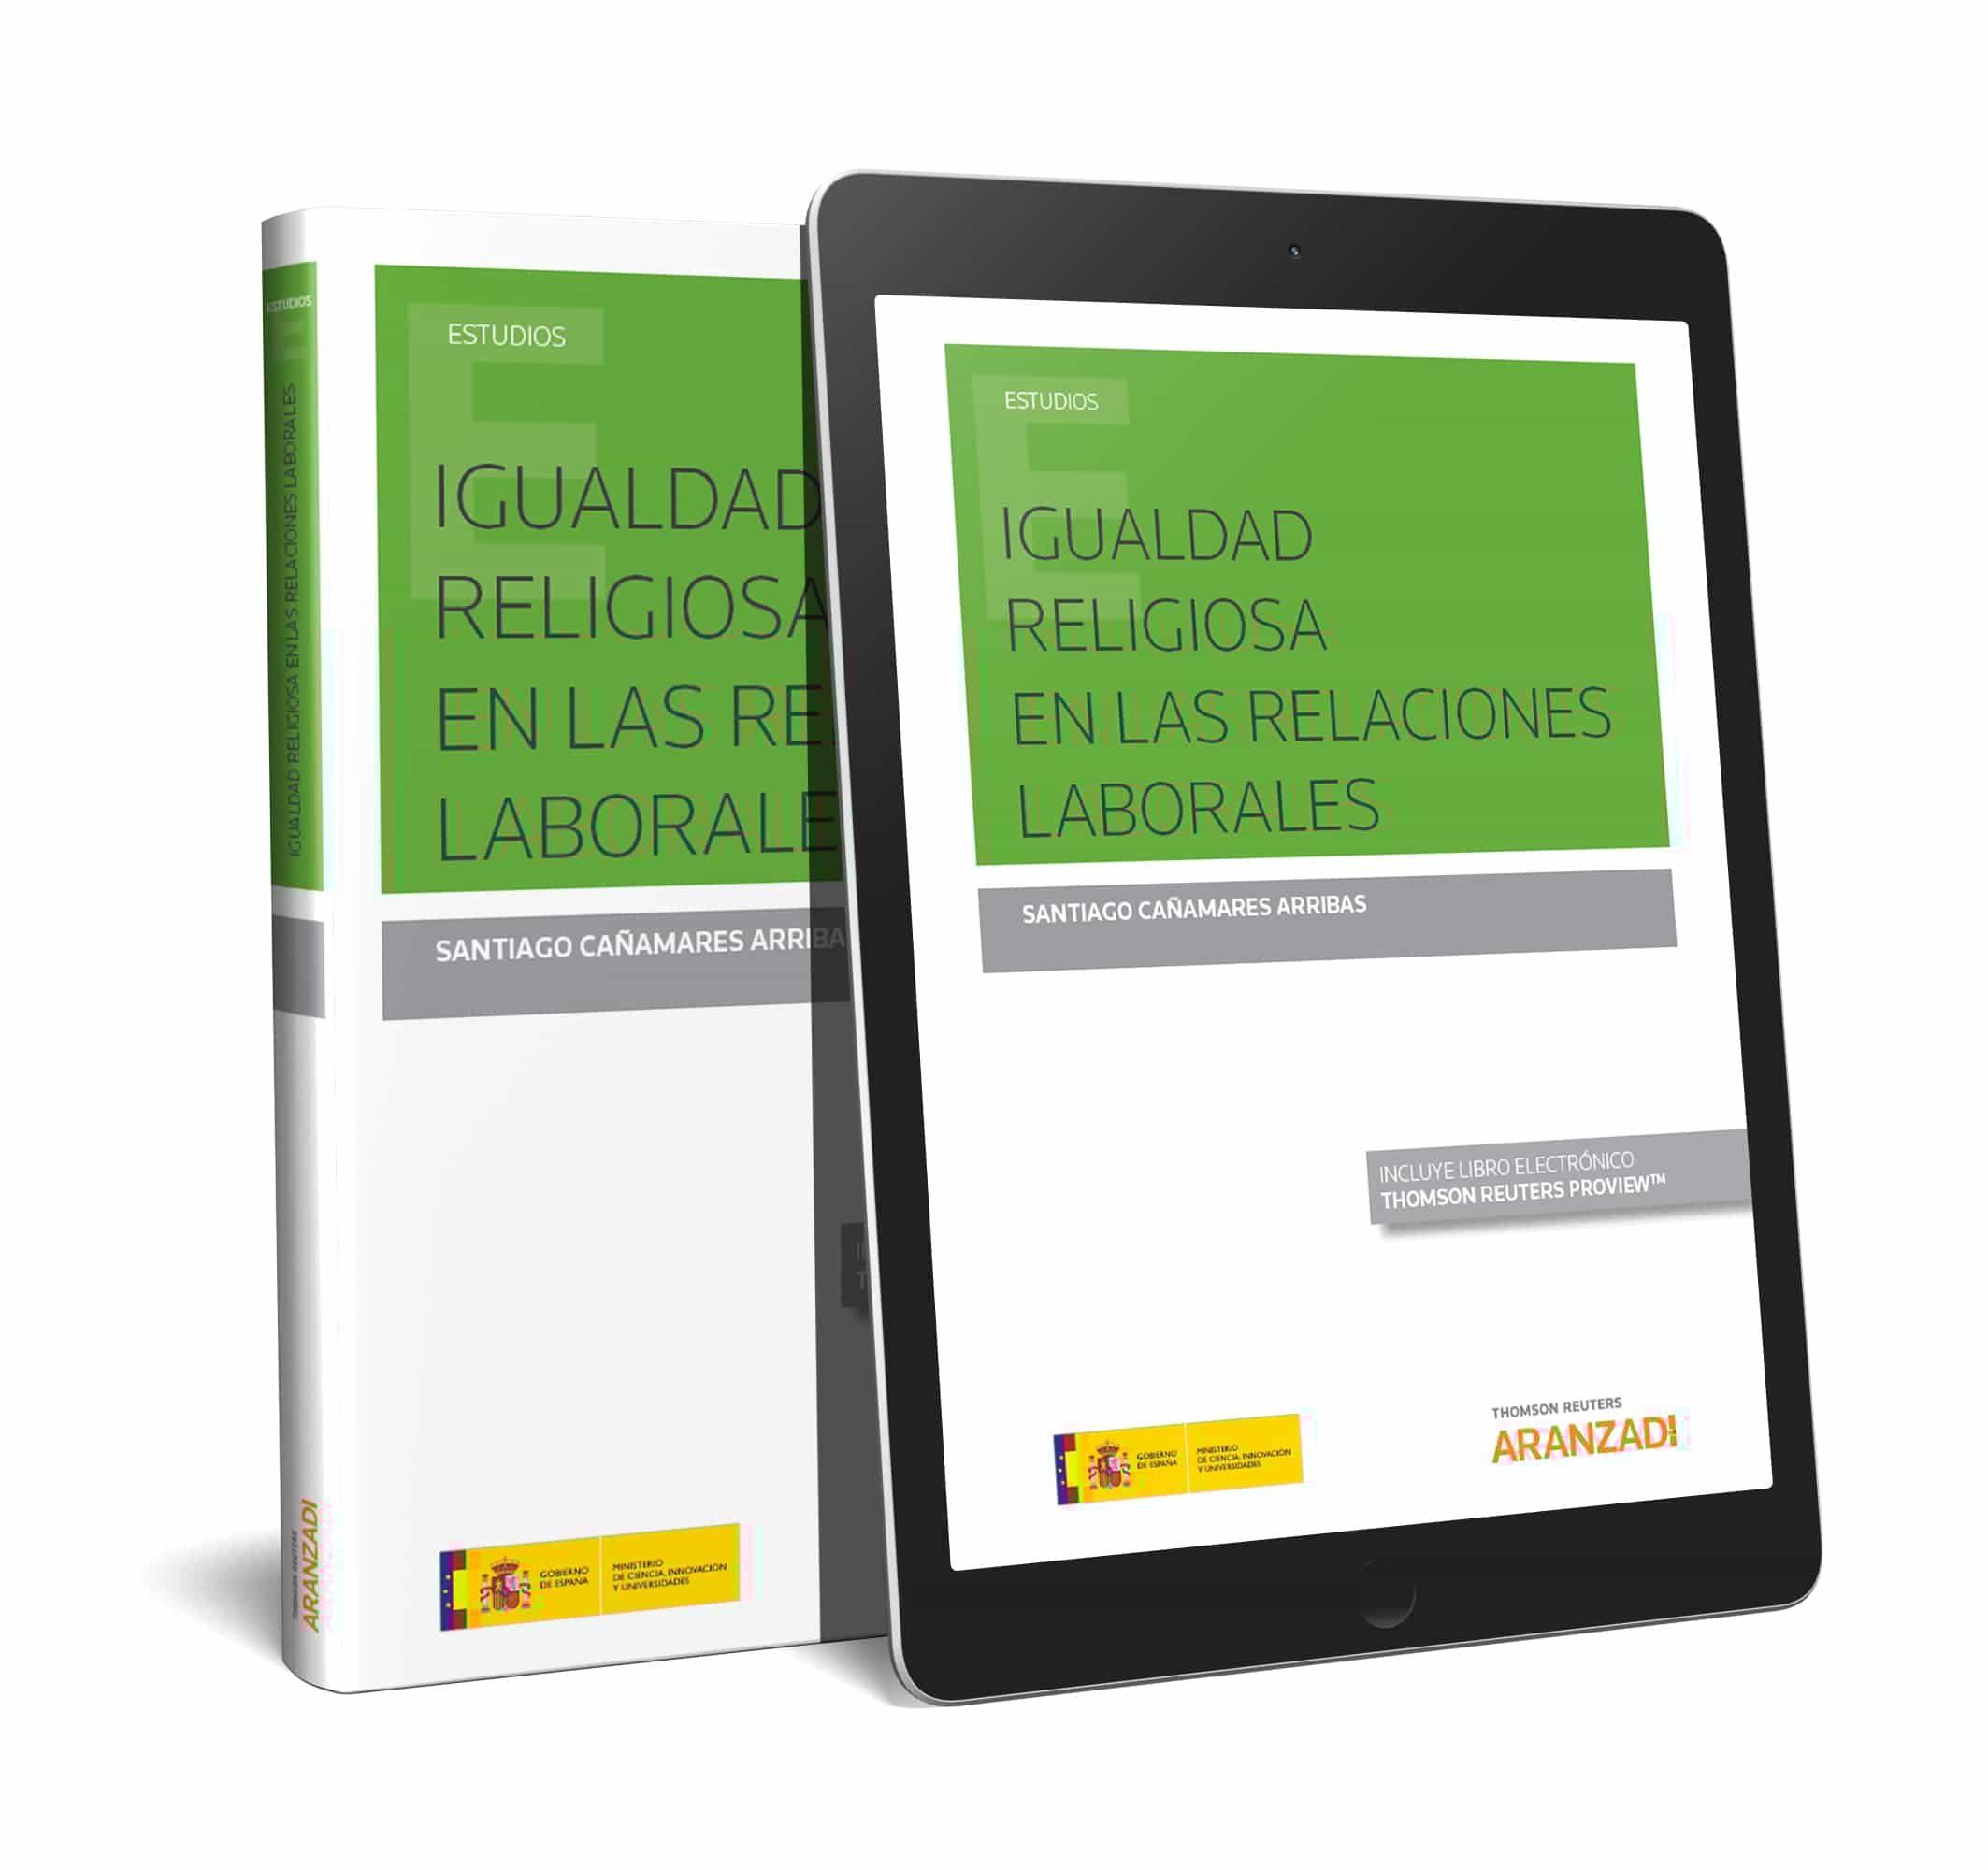 Igualdad Religiosa En Las Relaciones Laborales por Santiago Cañamares Arribas